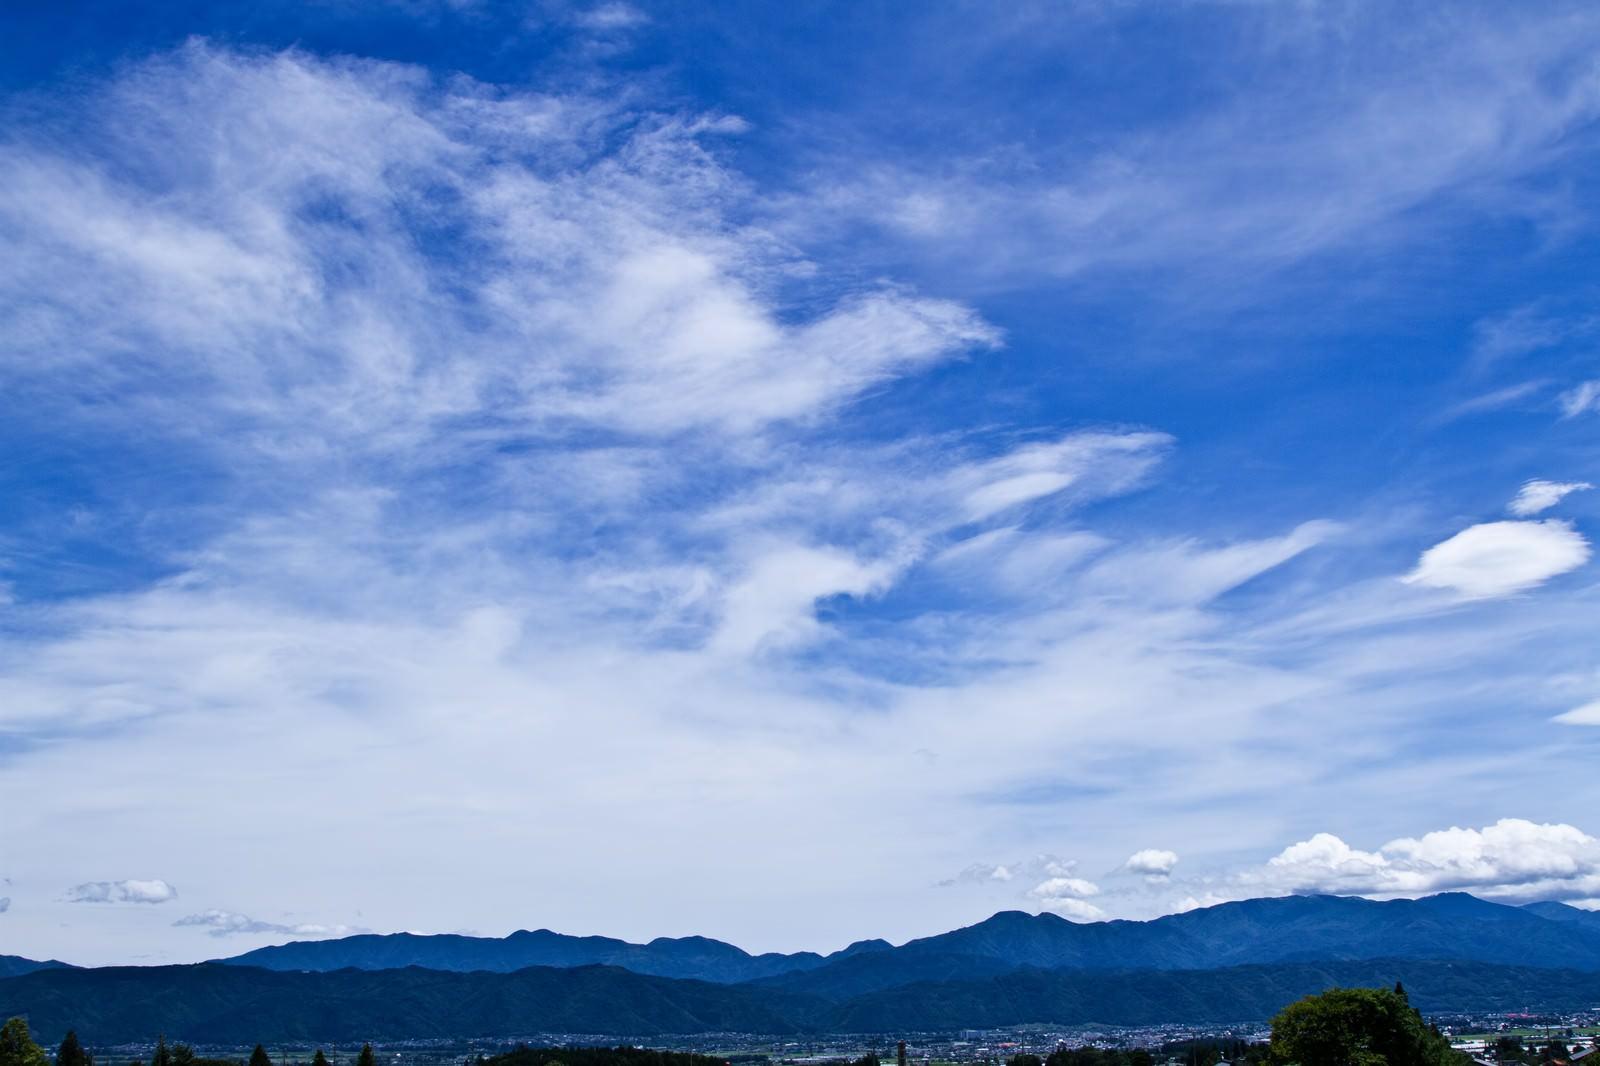 「遠目のアルプスと青空」の写真